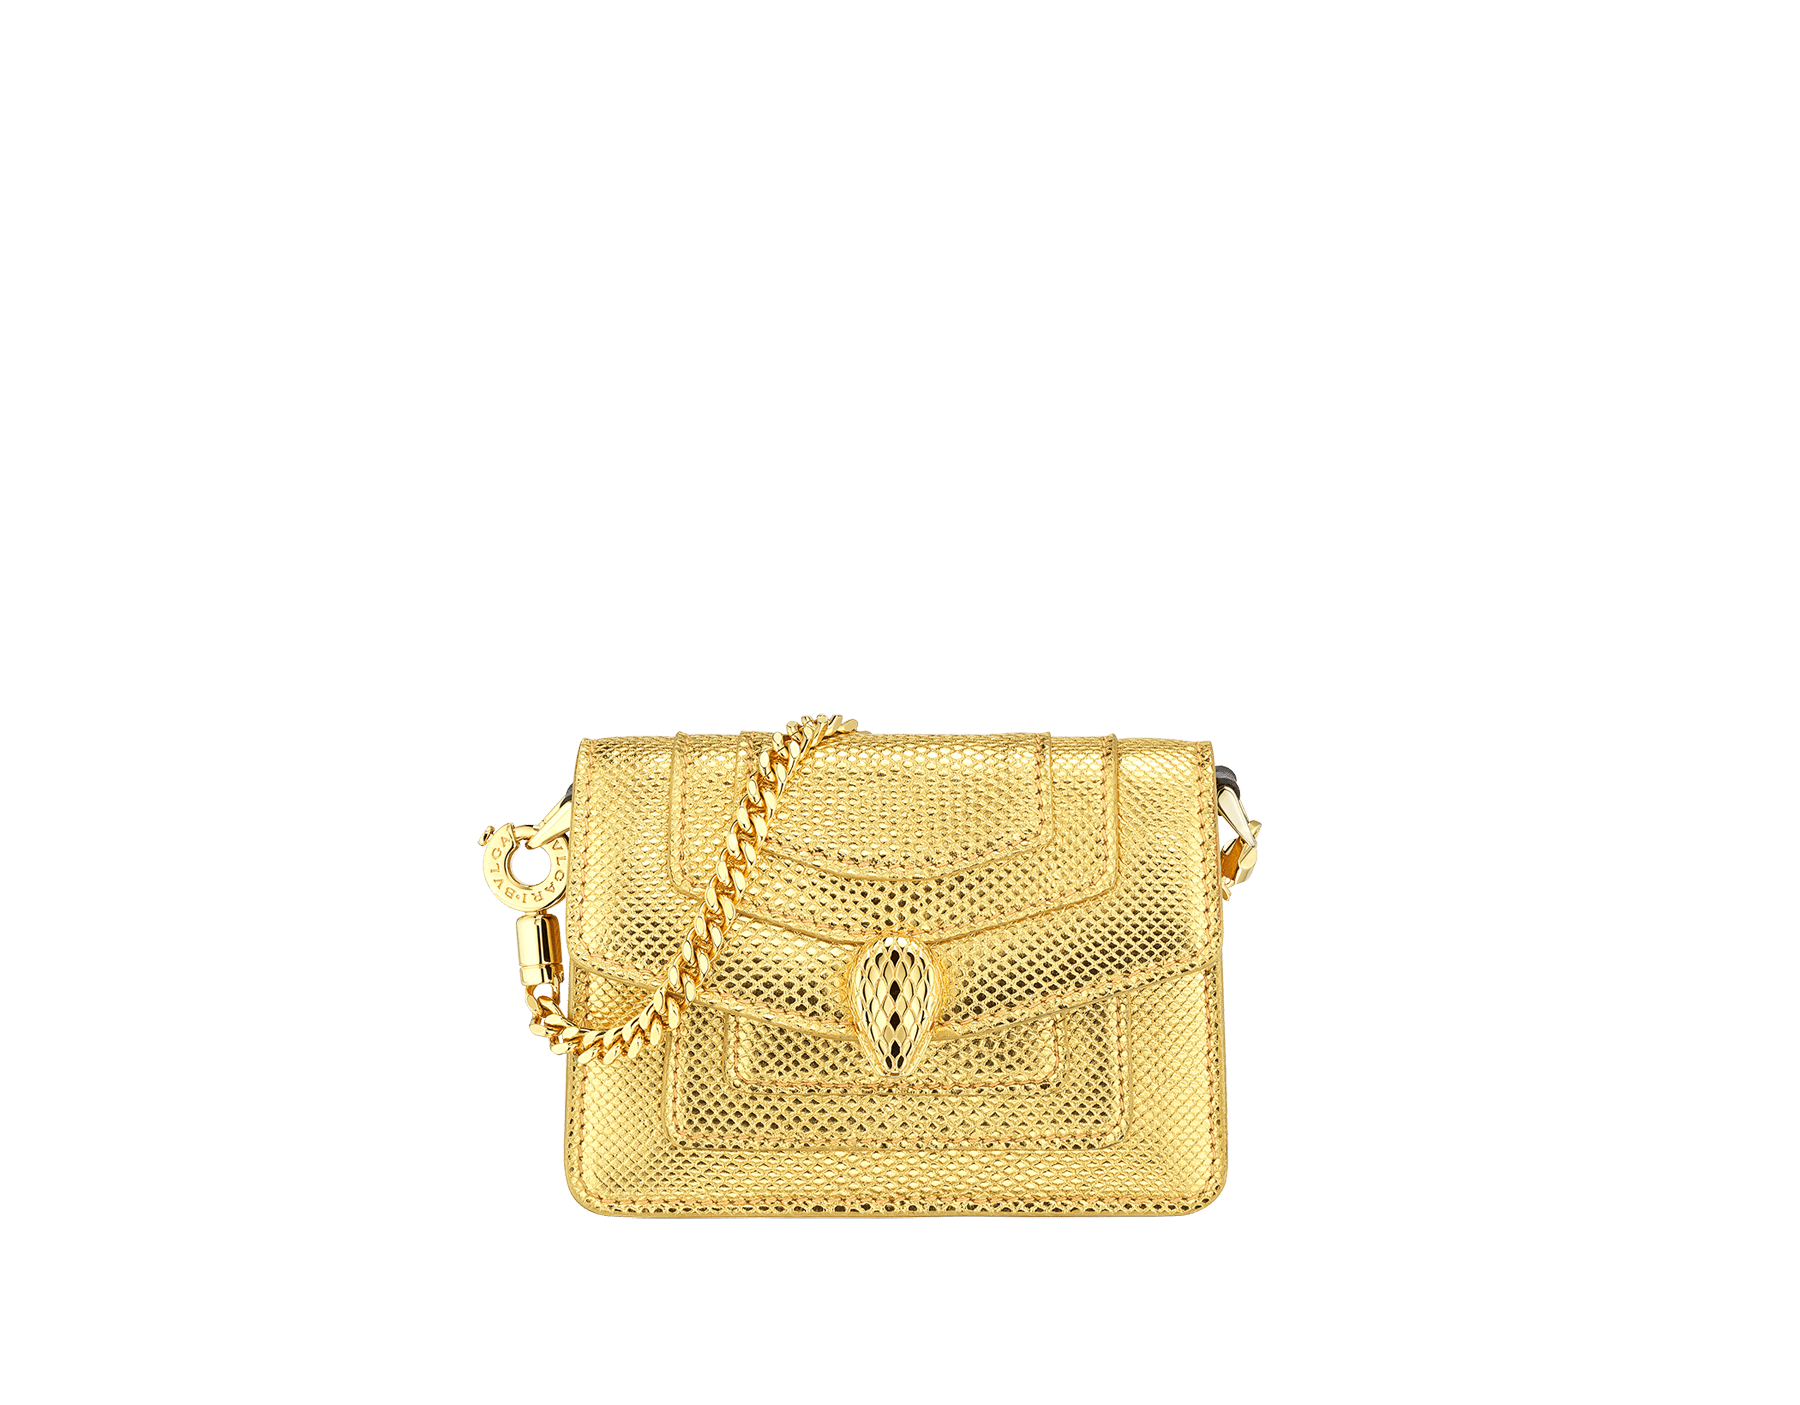 ゴールド「モルトン」カルングスキンとブラックカーフレザー製「セルペンティ フォーエバー」ミニチュアバッグチャーム。ウィンターホリデーシーズンに添えるきらめき。 新しいゴールドプレートブラス製「セルペンティ」ヘッドクロージャー。ルビーレッドのエナメル加工を施した目。 290631 image 1